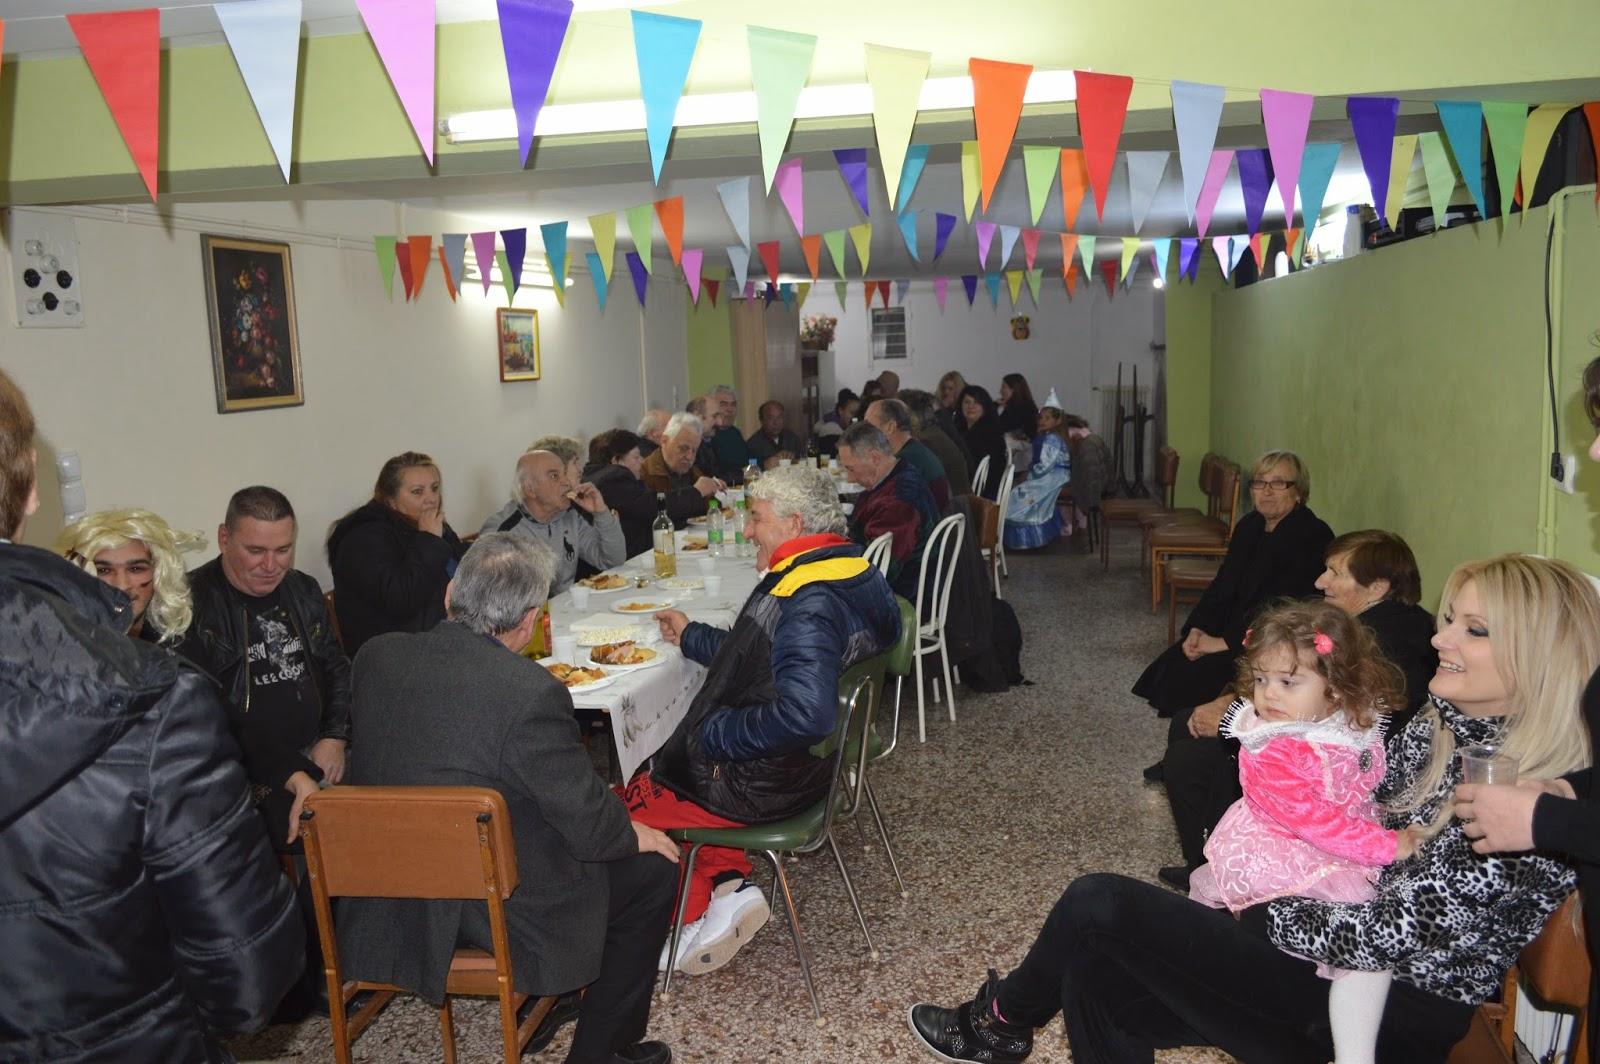 Φωτογραφίες από την αποκριάτικη εκδήλωση του συλλόγου Τσουκλιδίου